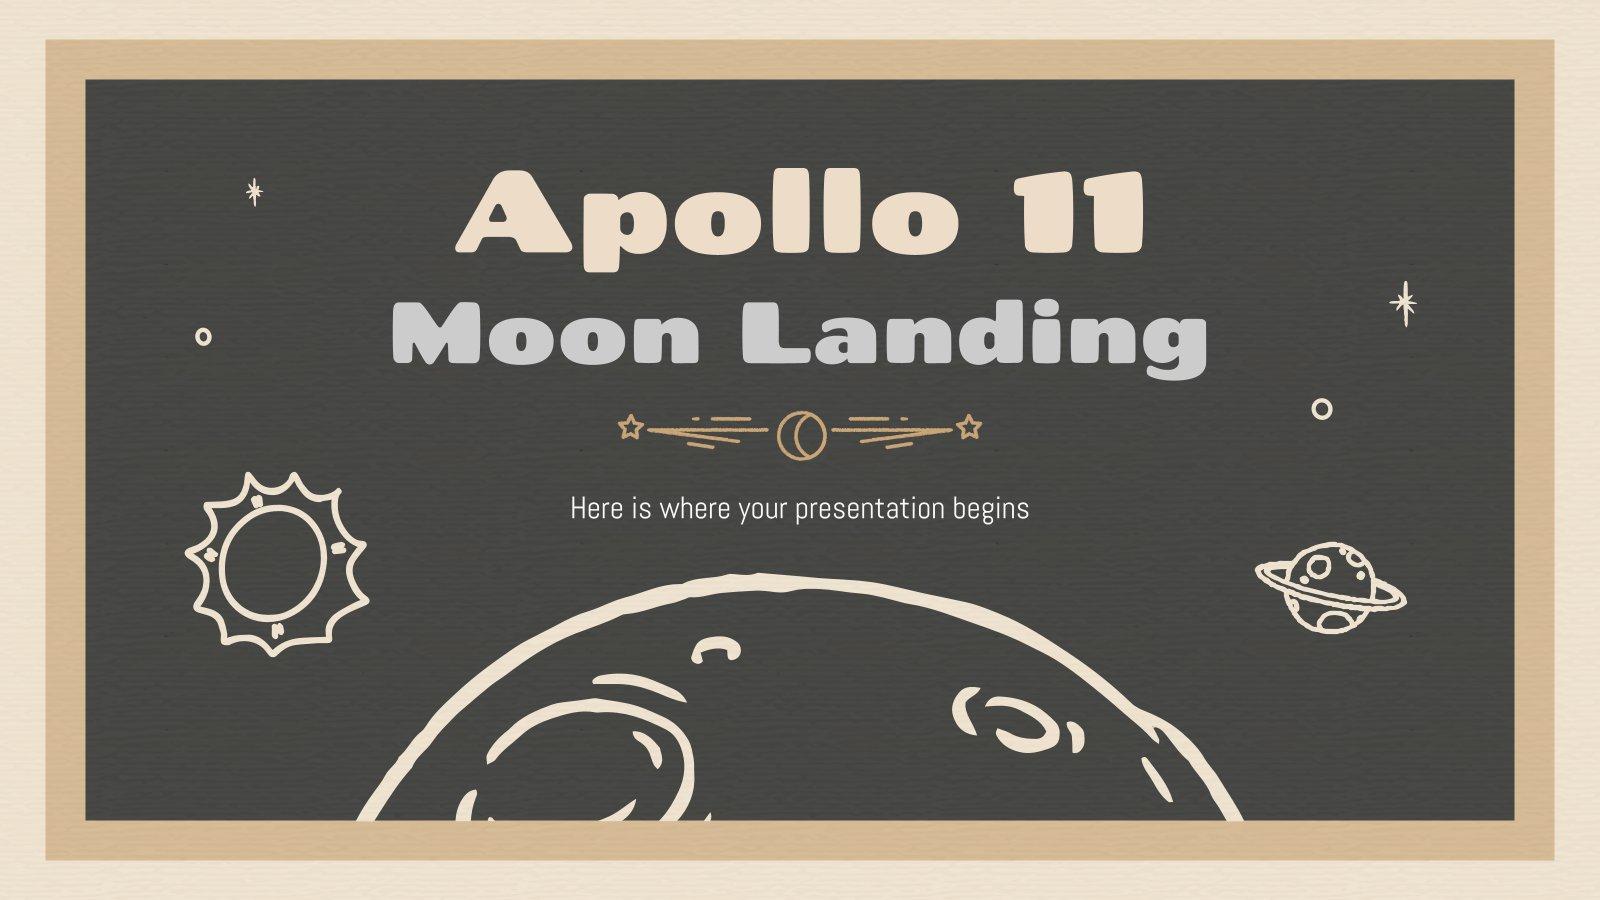 Apollo 11 Moon Landing presentation template